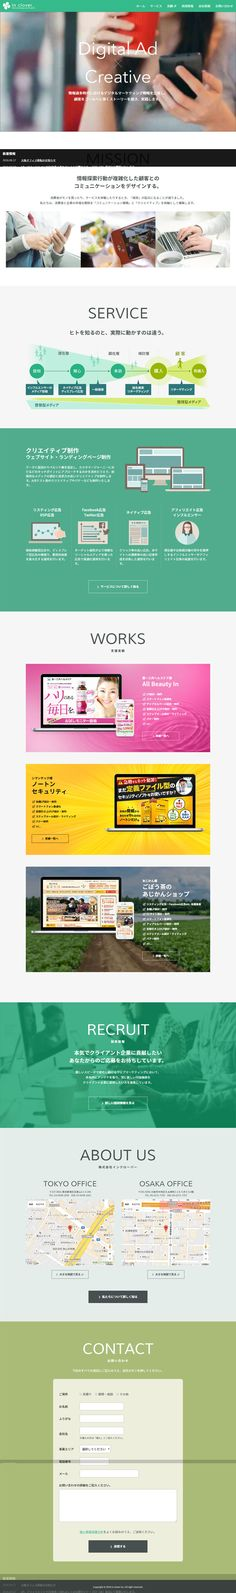 デジタルマーケティング戦略【インターネットサービス関連】のLPデザイン。WEBデザイナーさん必見!ランディングページのデザイン参考に(シンプル系)